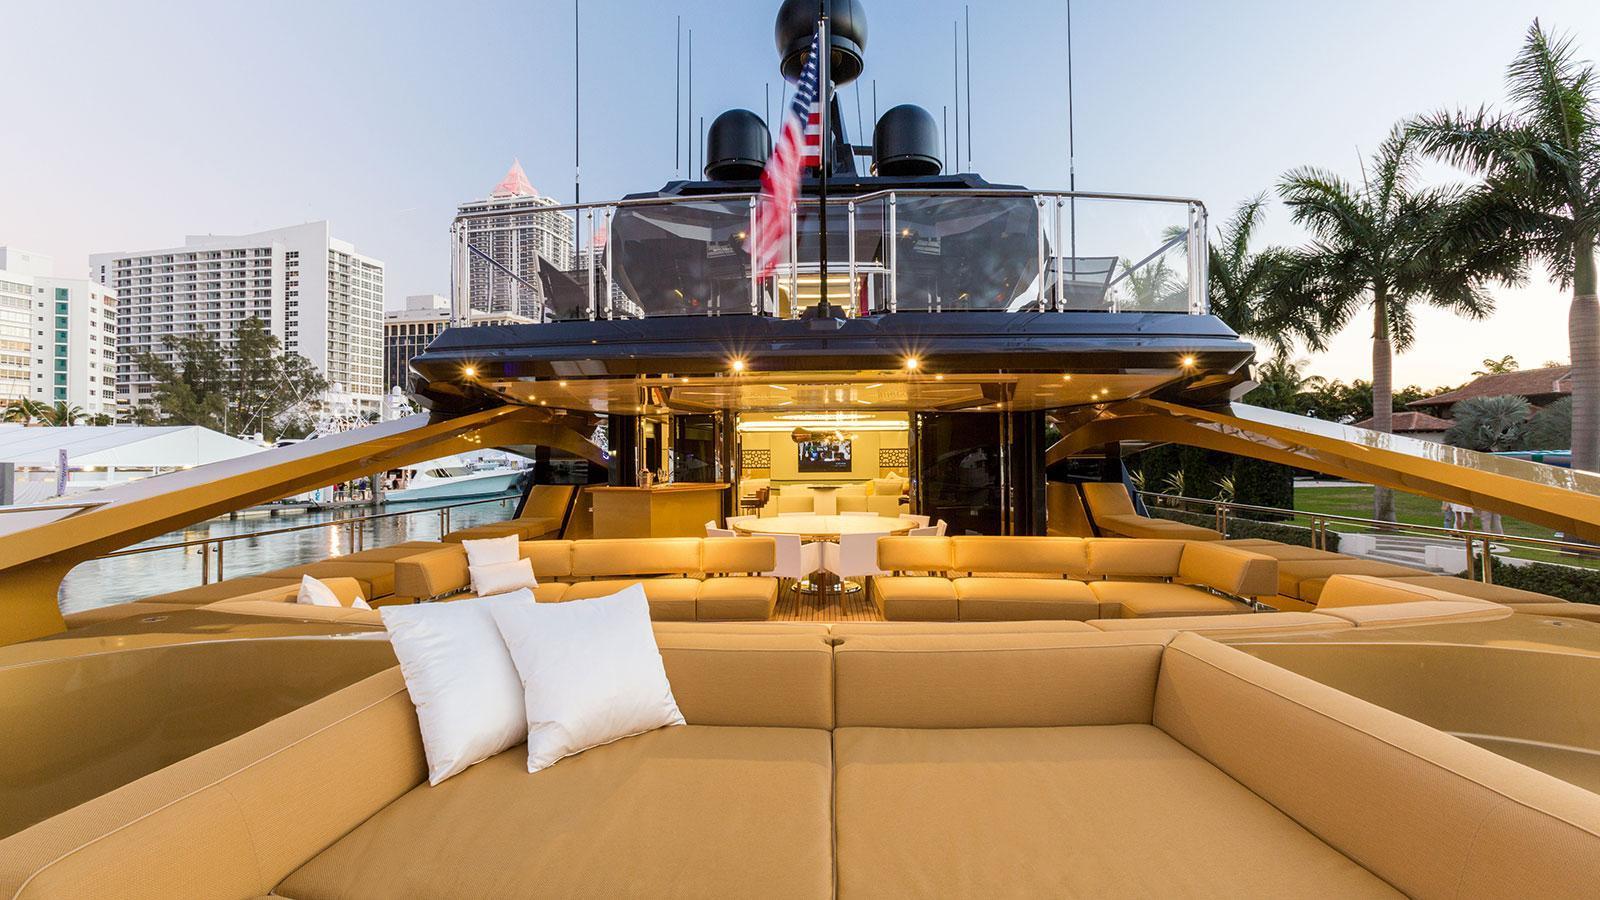 khaliha-motor-yacht-palmer-johnson-super-sport-48-2014-49m-main-deck-aft-deck